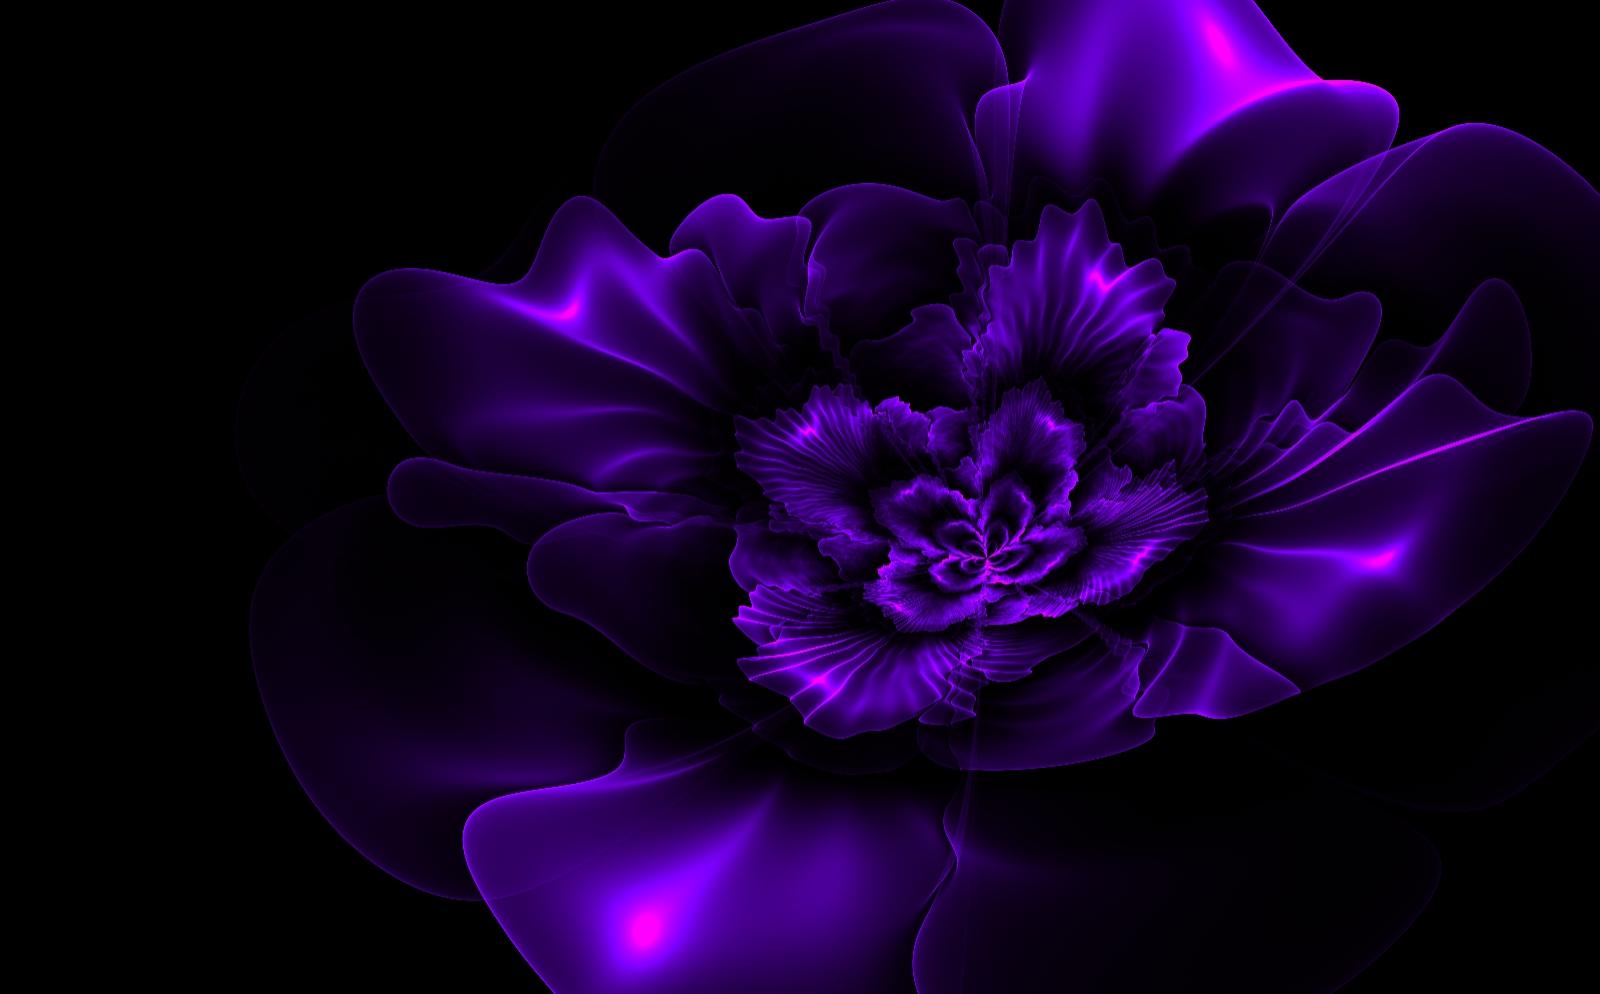 Dark purple fractal flower wallpaper   ForWallpapercom 1600x994